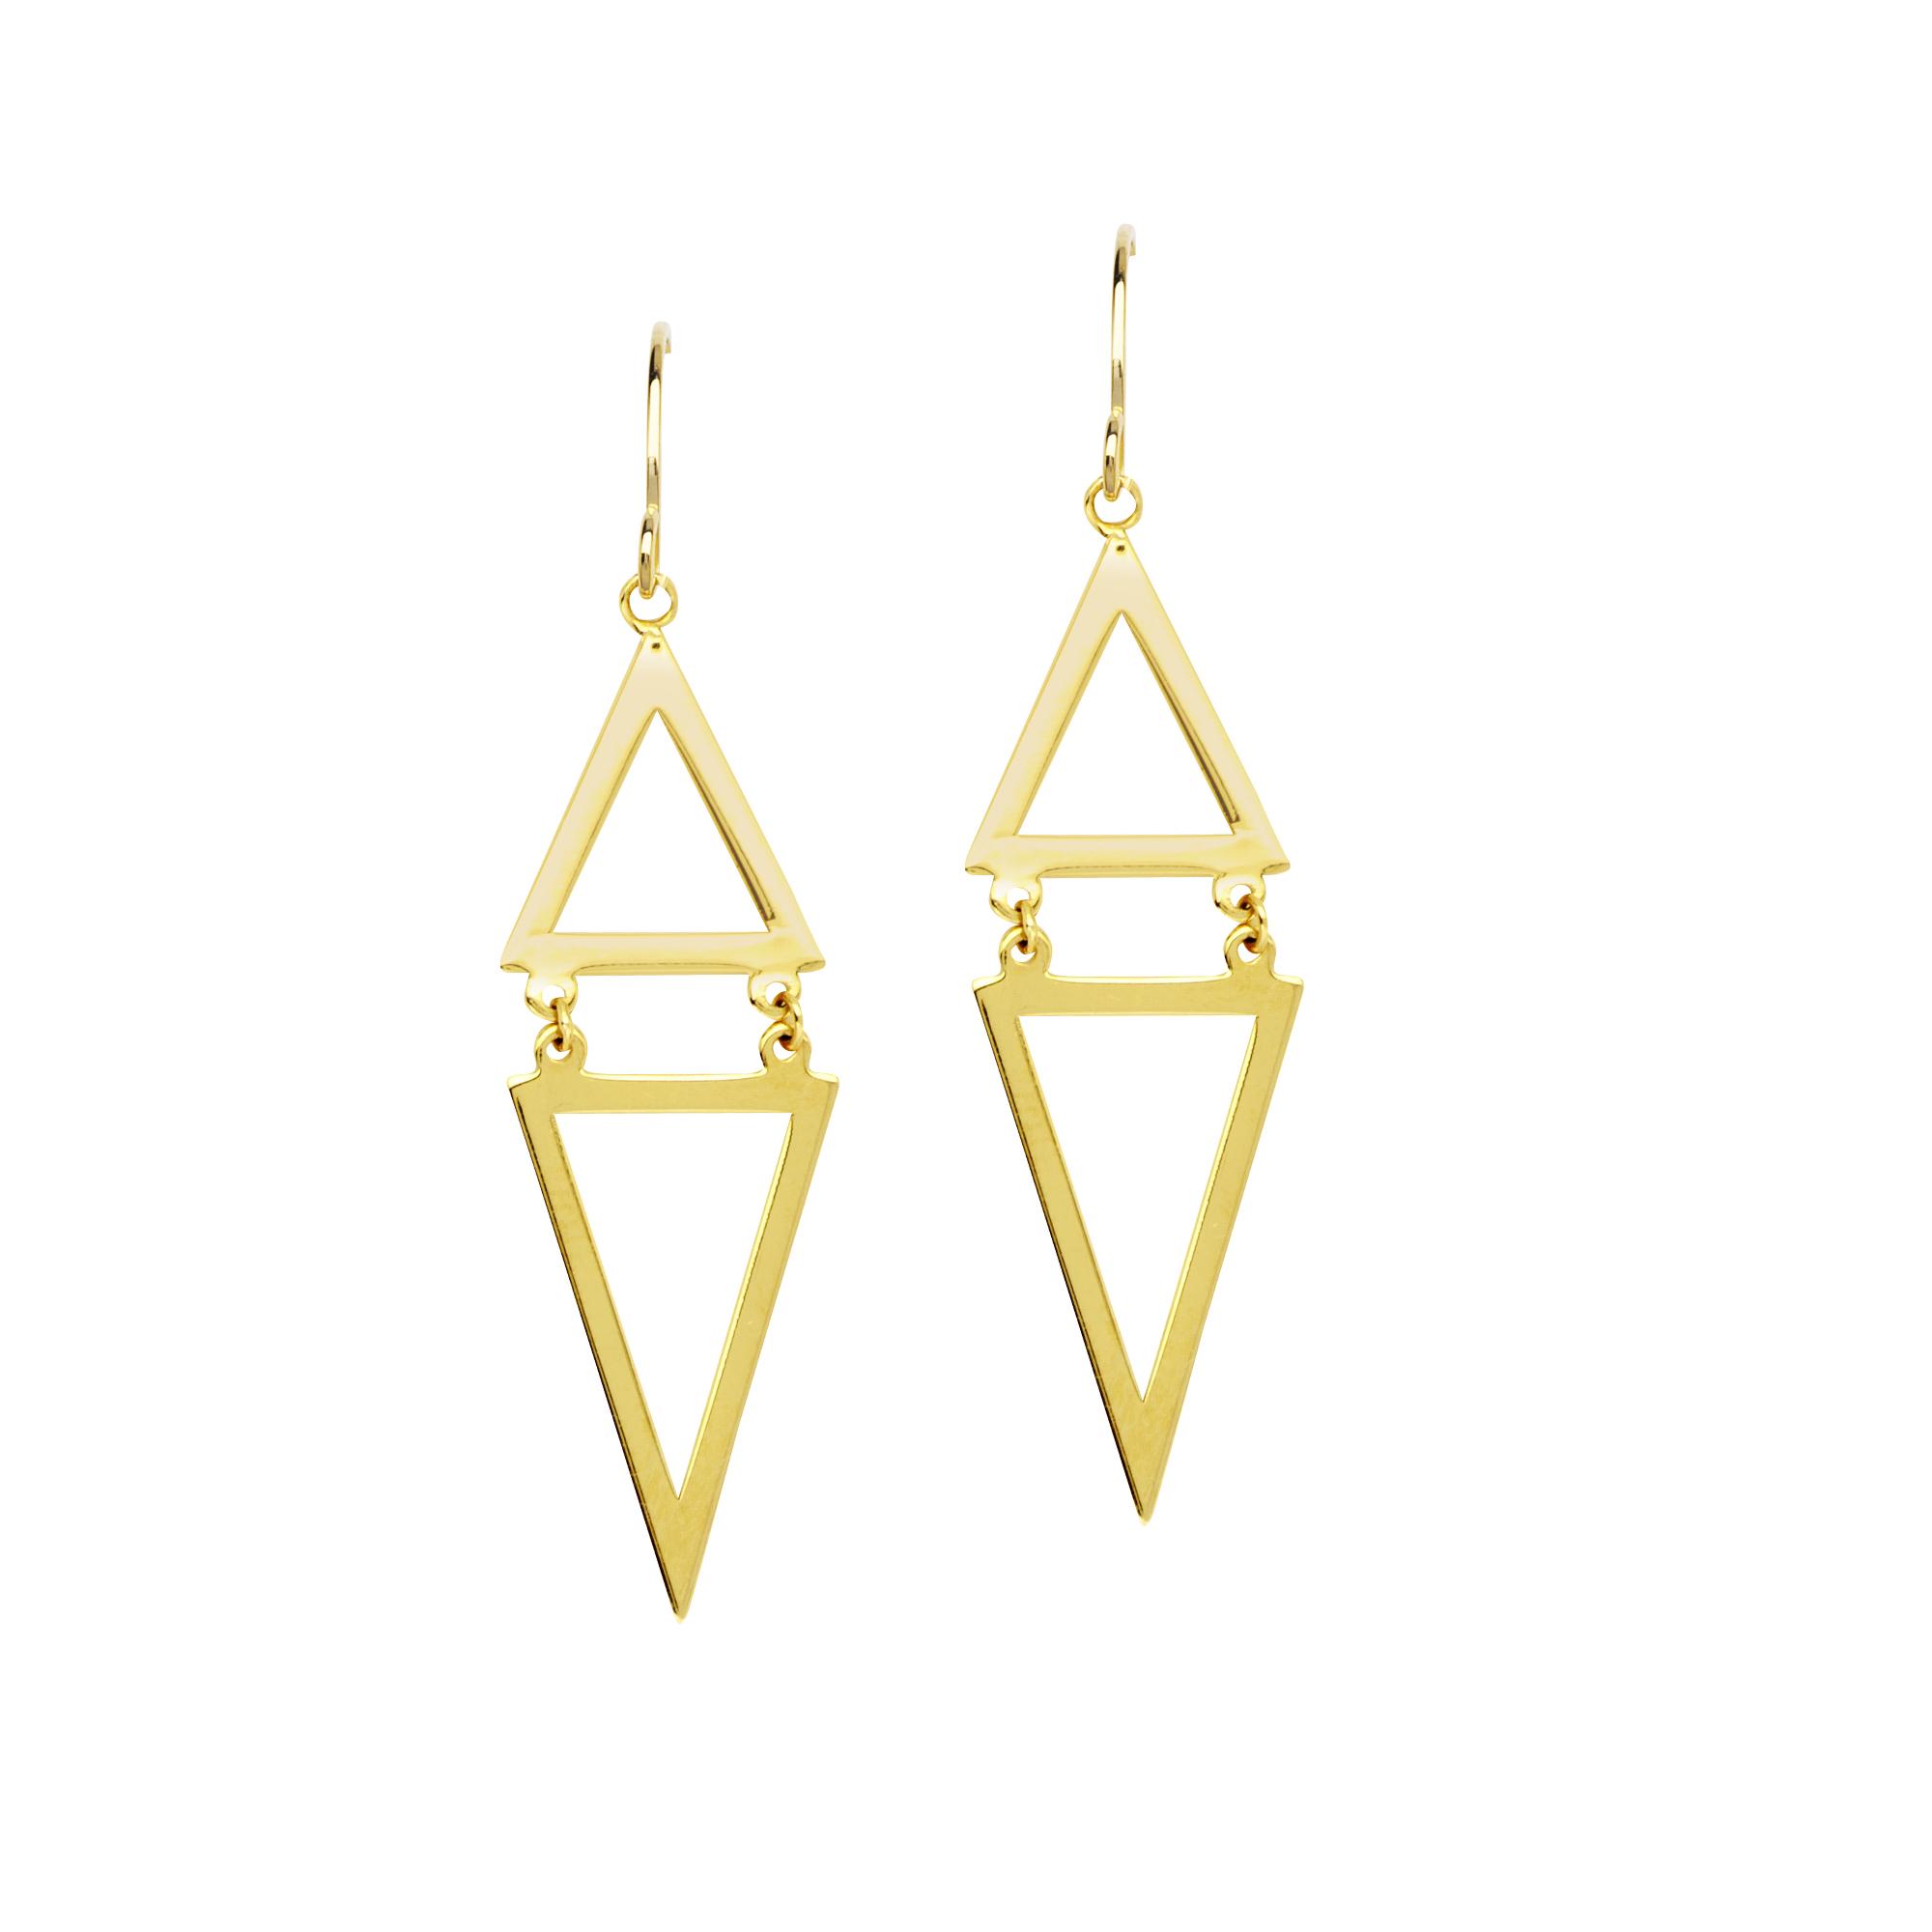 Earrings,14Kt Gold Fish Hook Earrings